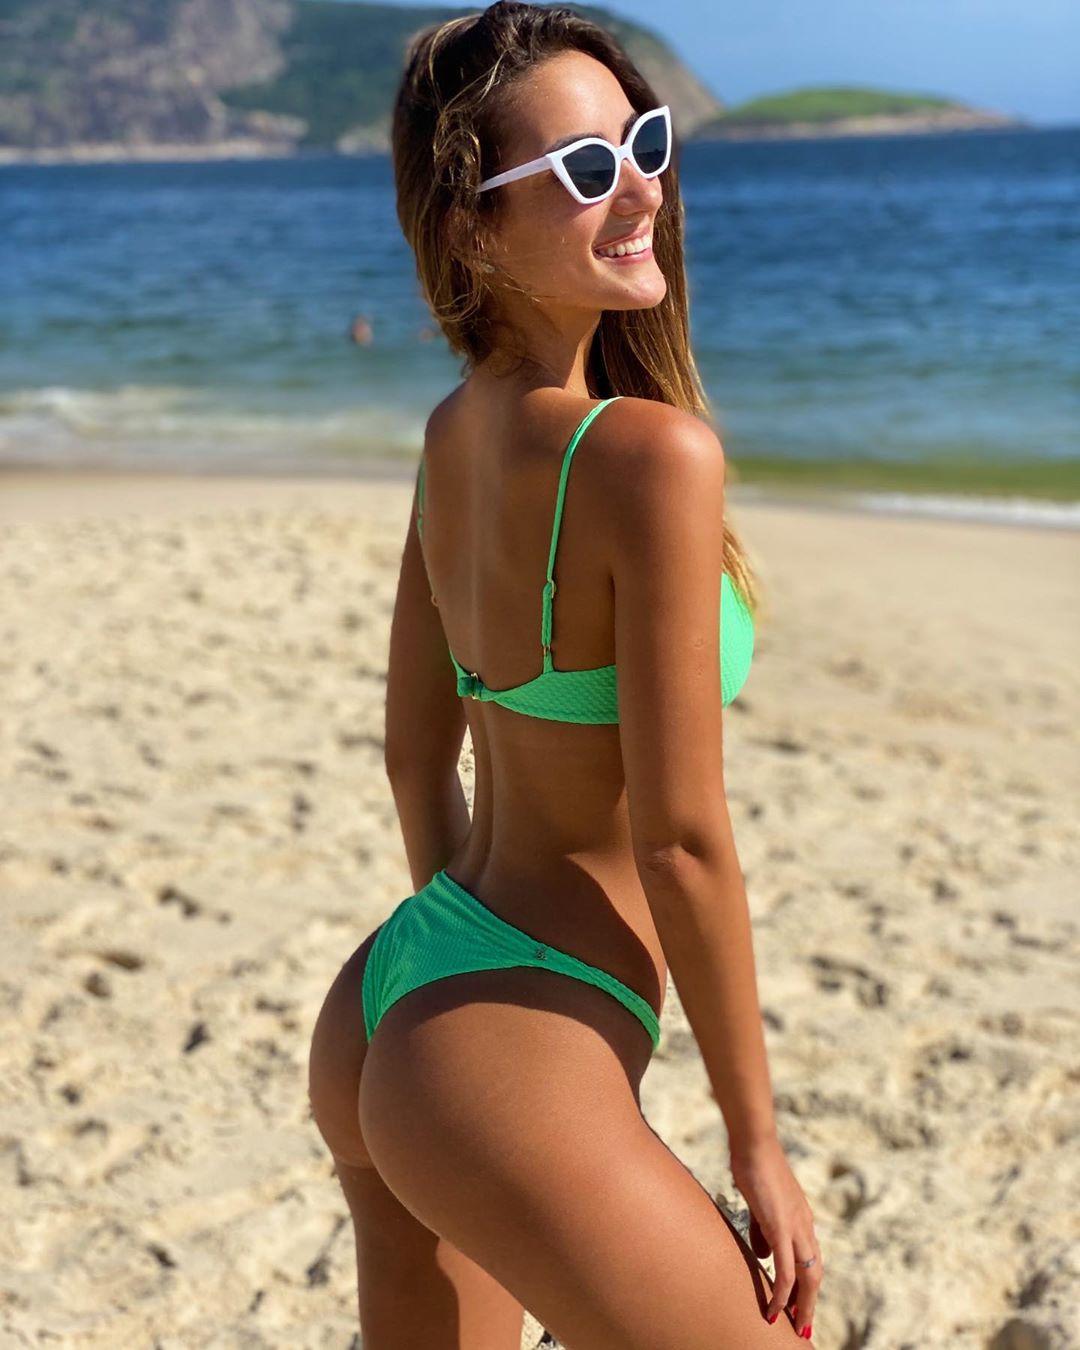 Priscilla Ricart